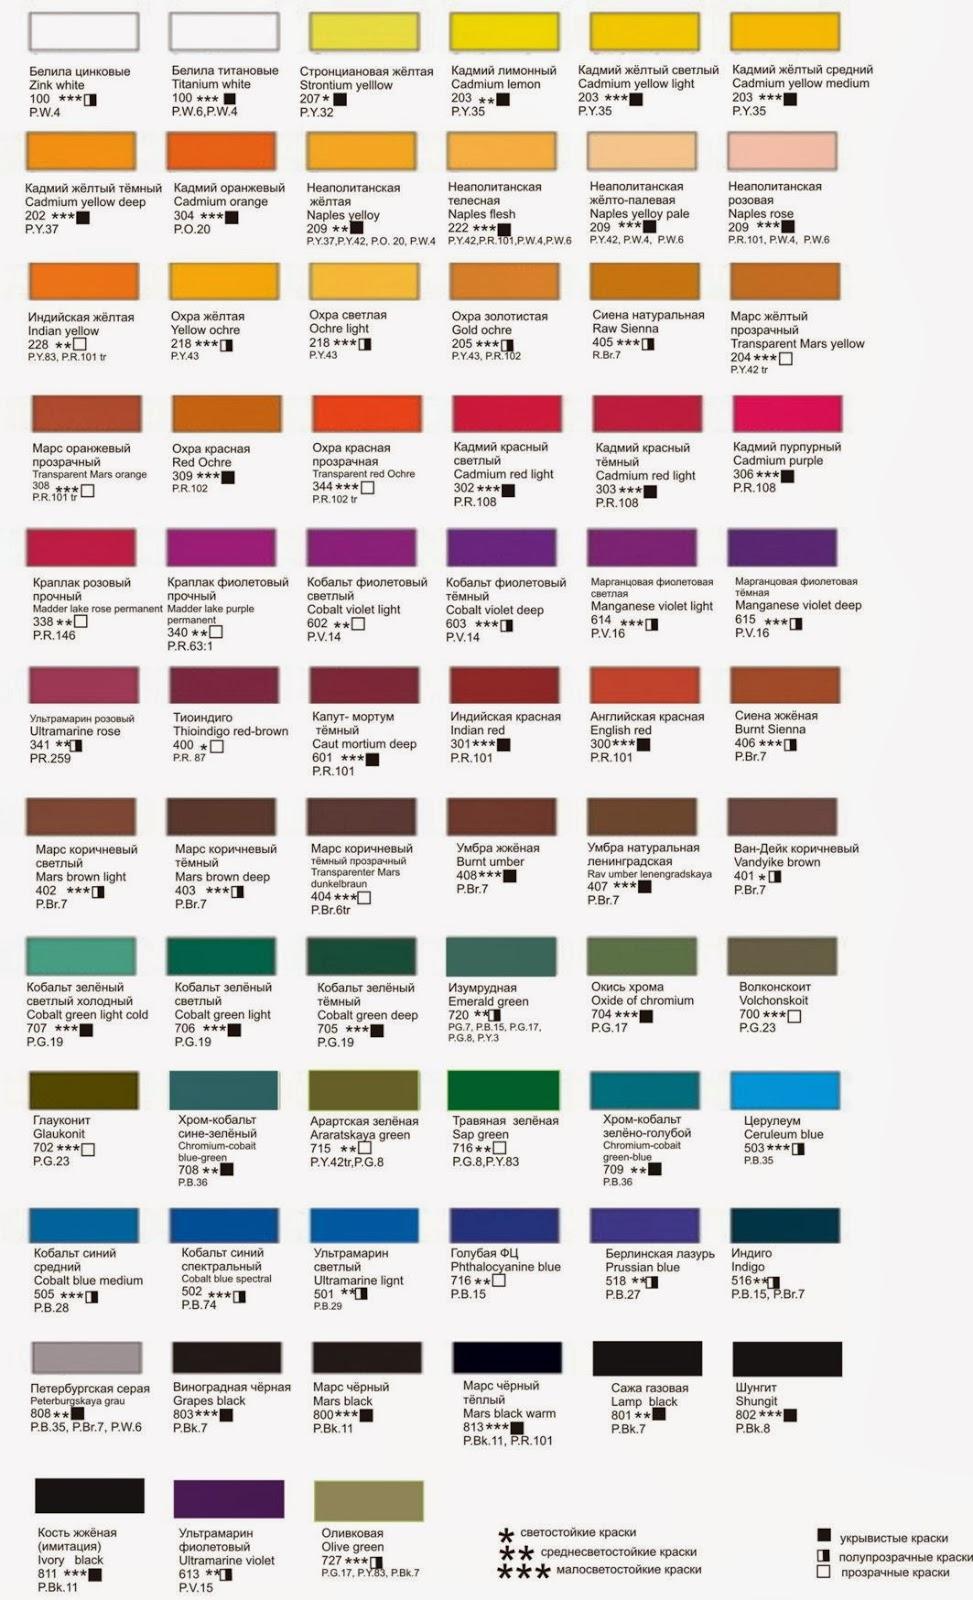 Земляные цвета в красках